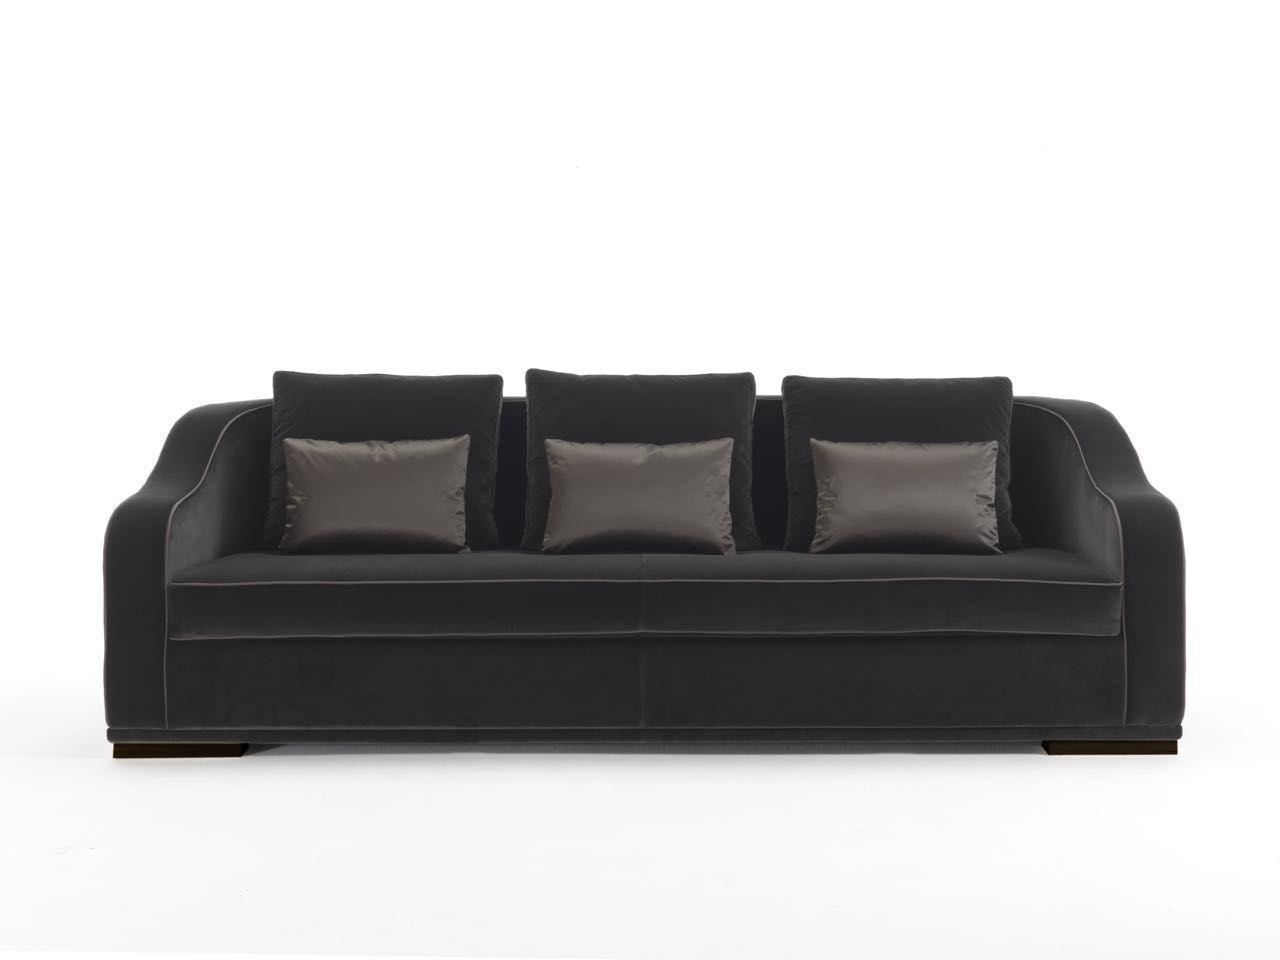 Full Size of Sofa Abnehmbarer Bezug Hussen Sofas Modulares Mit Abnehmbarem Big Abnehmbar Waschbar Ikea Abnehmbaren Grau Waschbarer Bora Schillig Schlaffunktion Esstisch Sofa Sofa Abnehmbarer Bezug